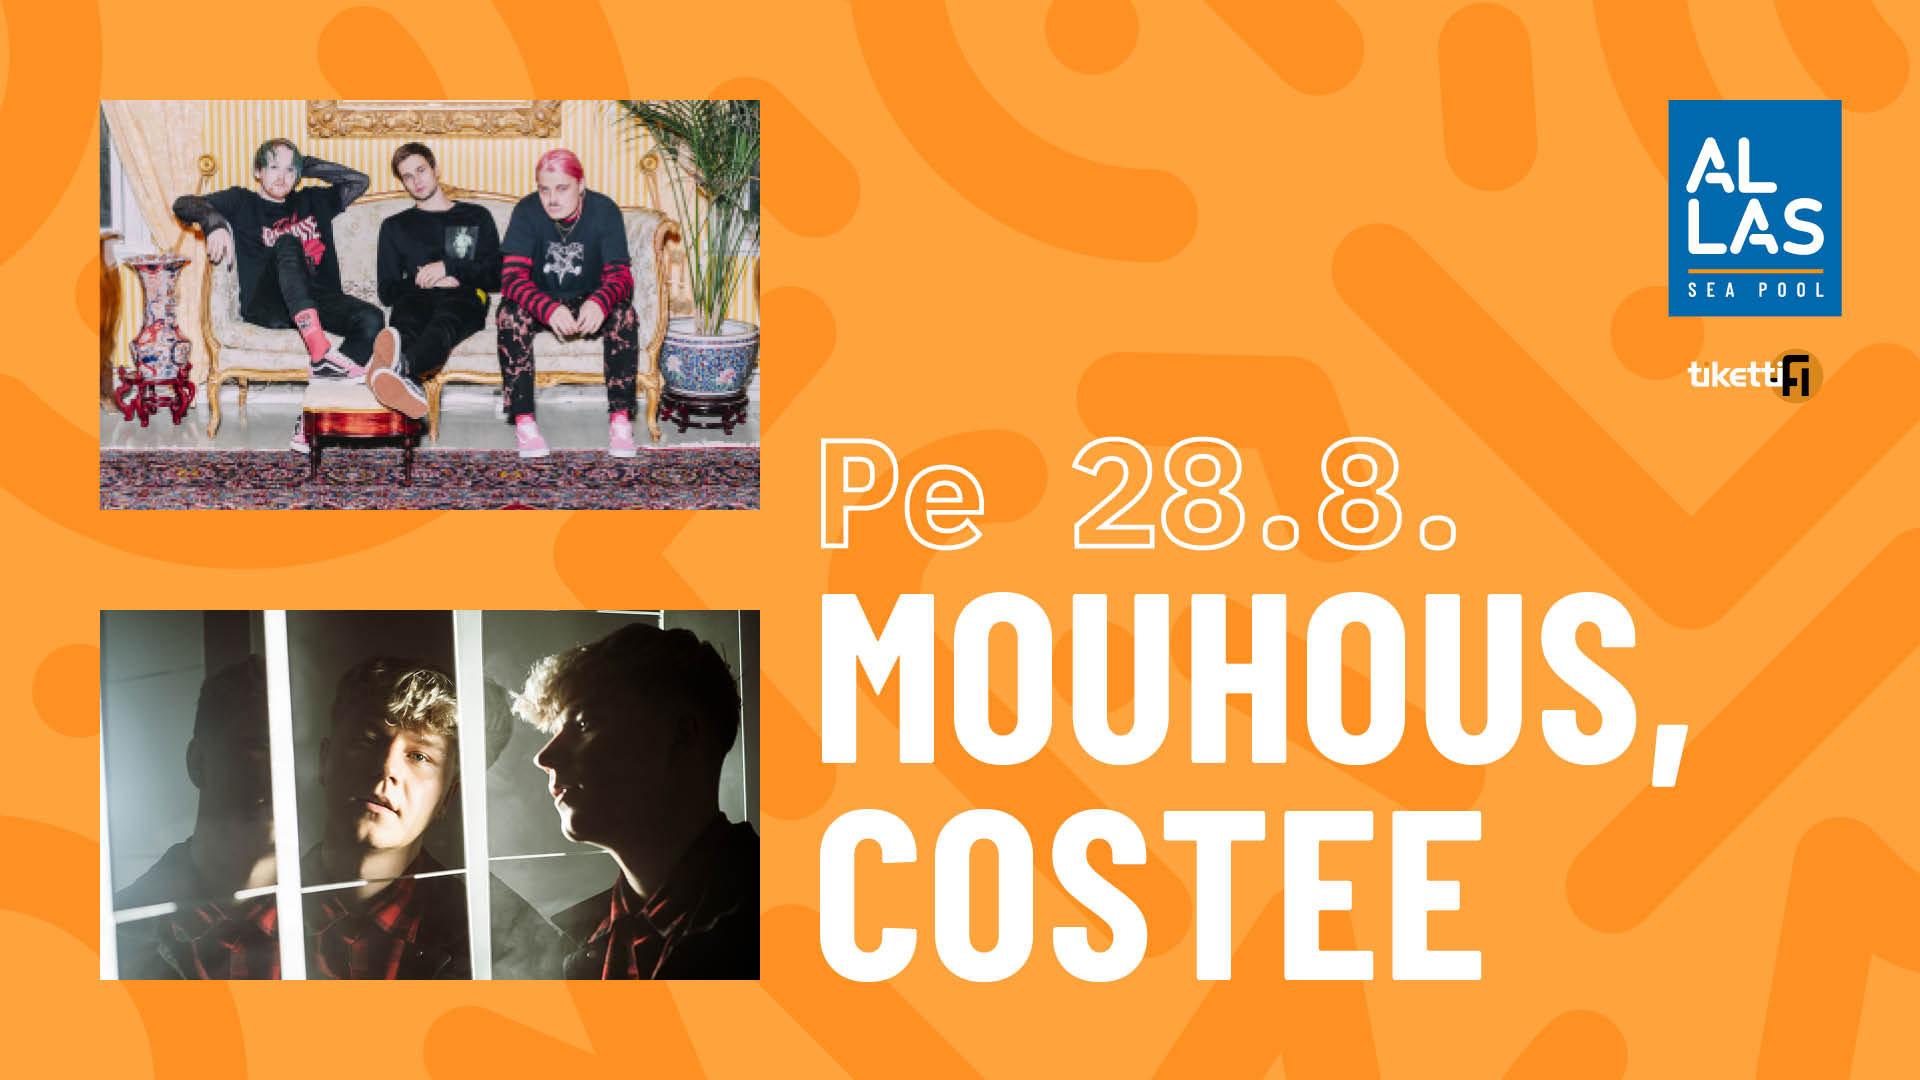 Linkki tapahtumaan Allas Live: Mouhous, Costee